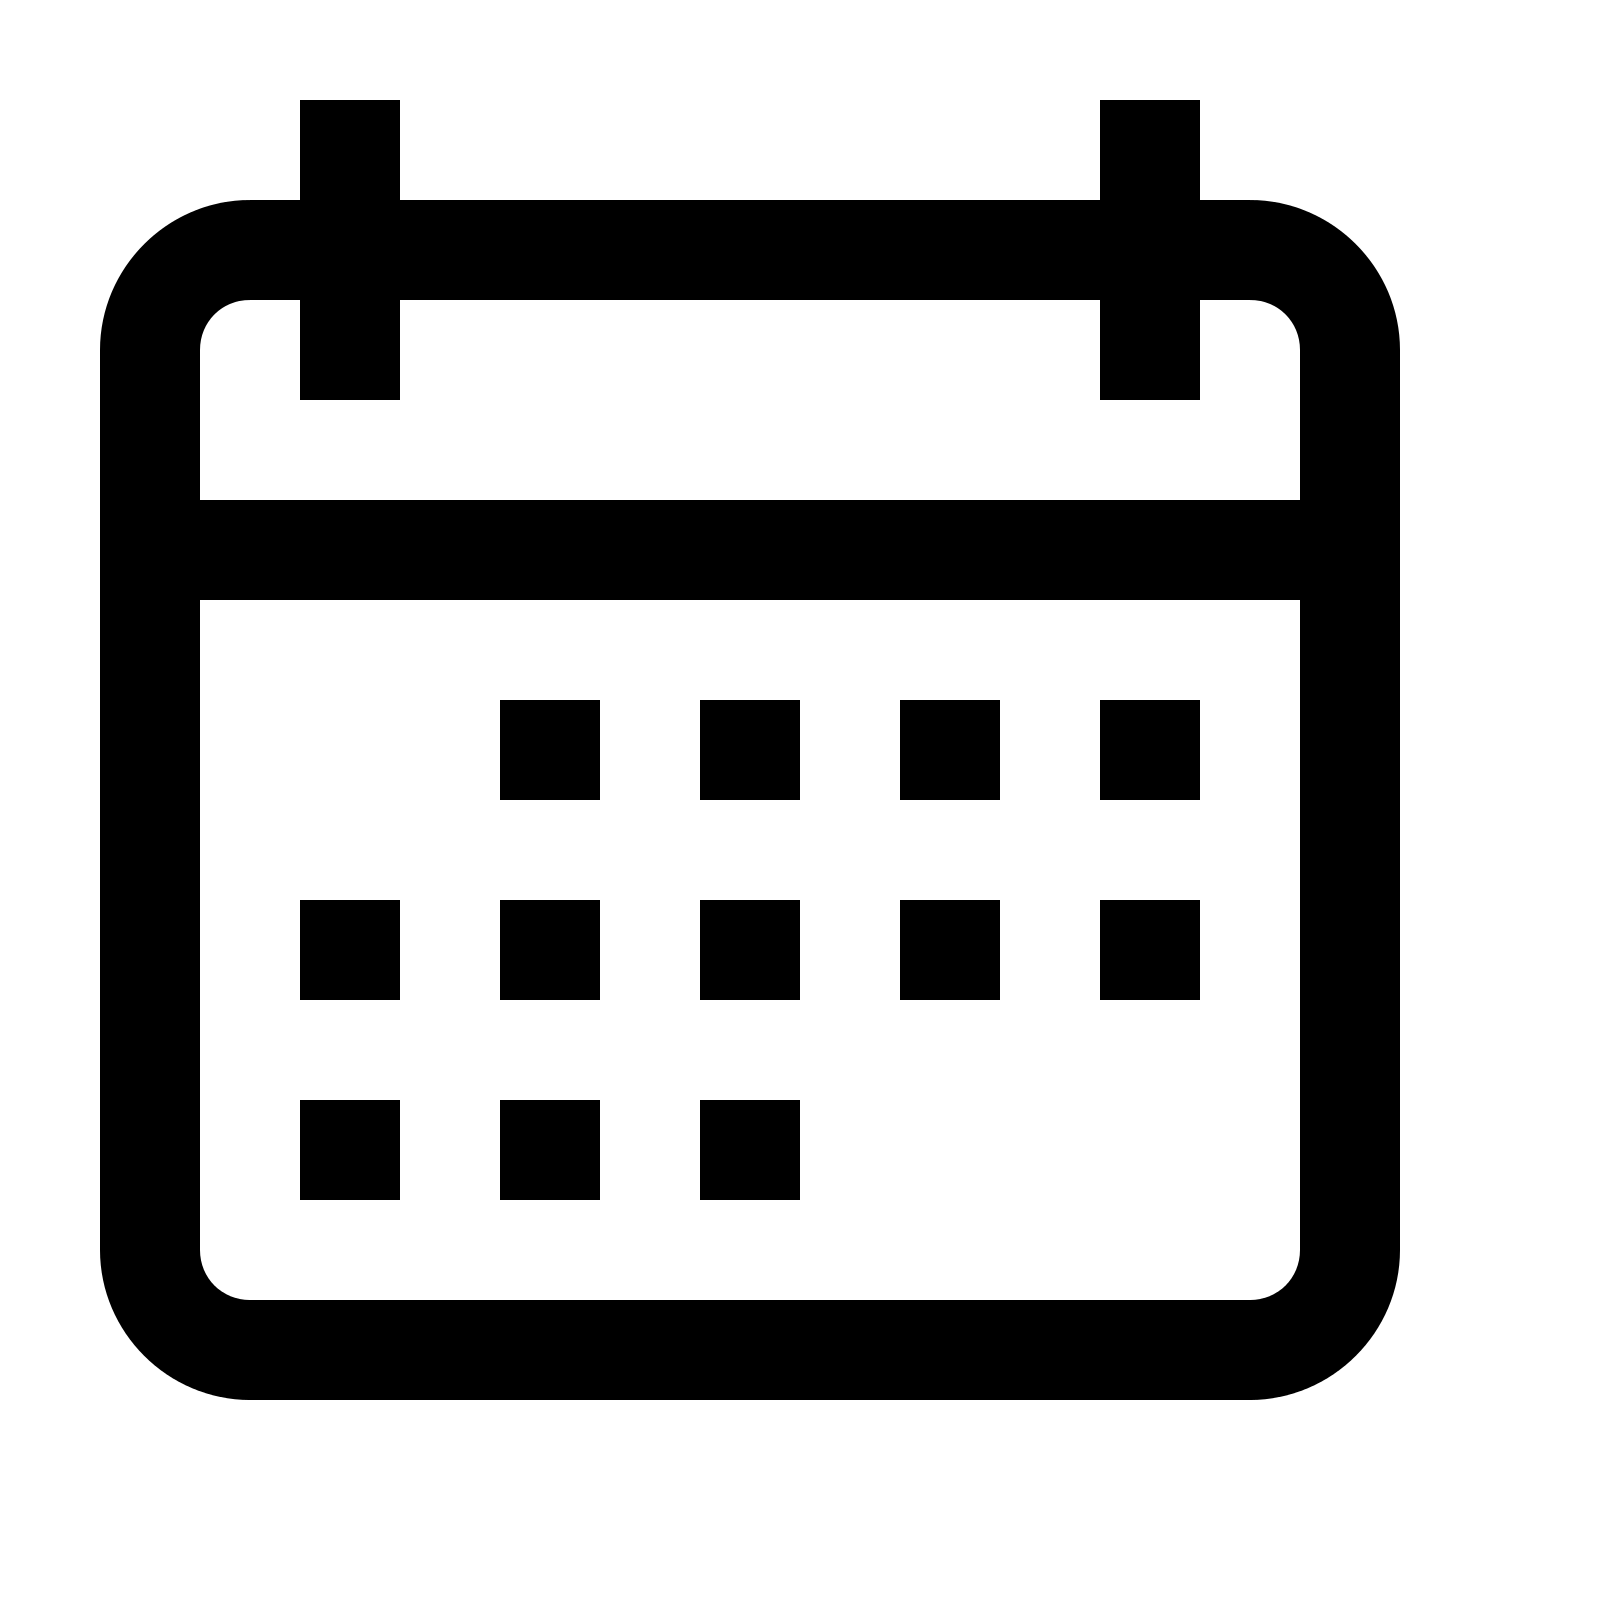 Calendar PNG - 719